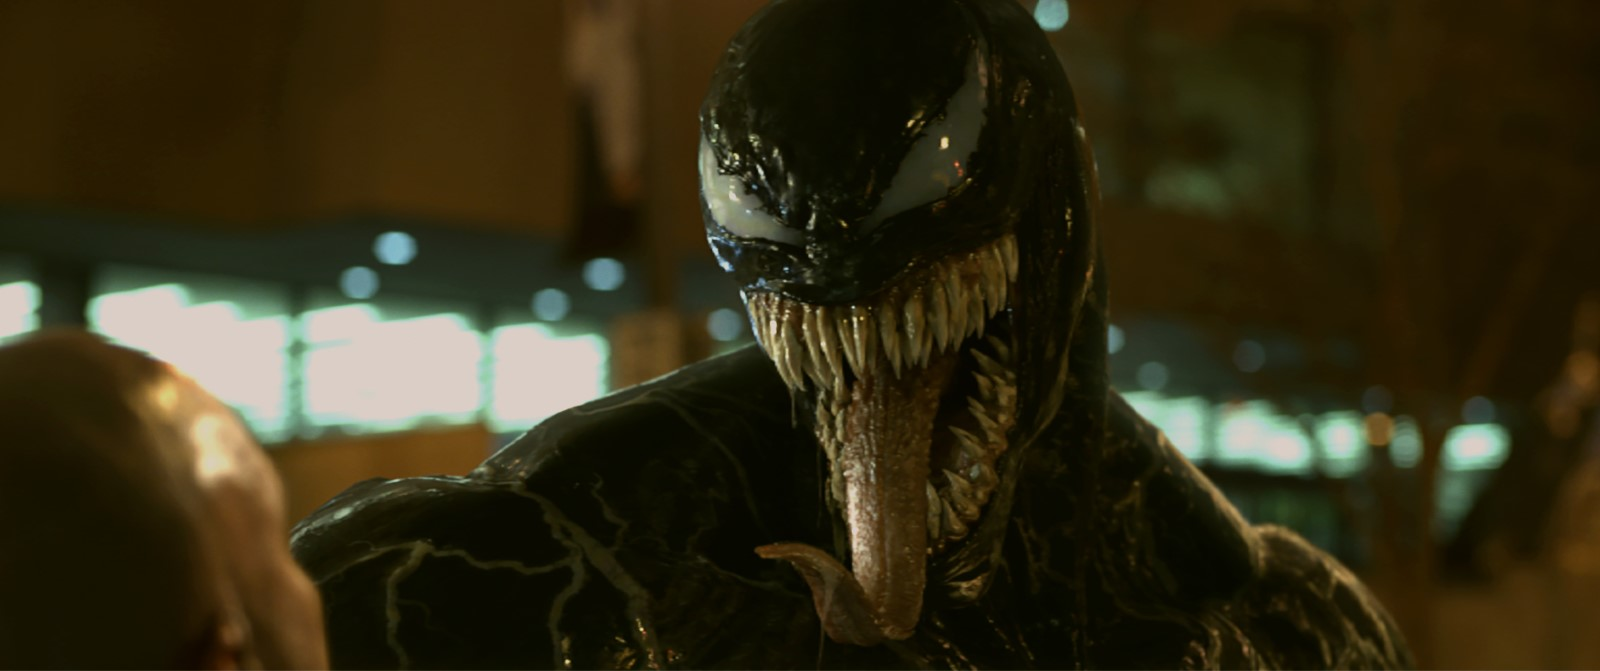 Assistir Mega Filme Venom Online Gratis Hd Venom Filme Primeiro Filme Da Marvel Todos Os Filmes